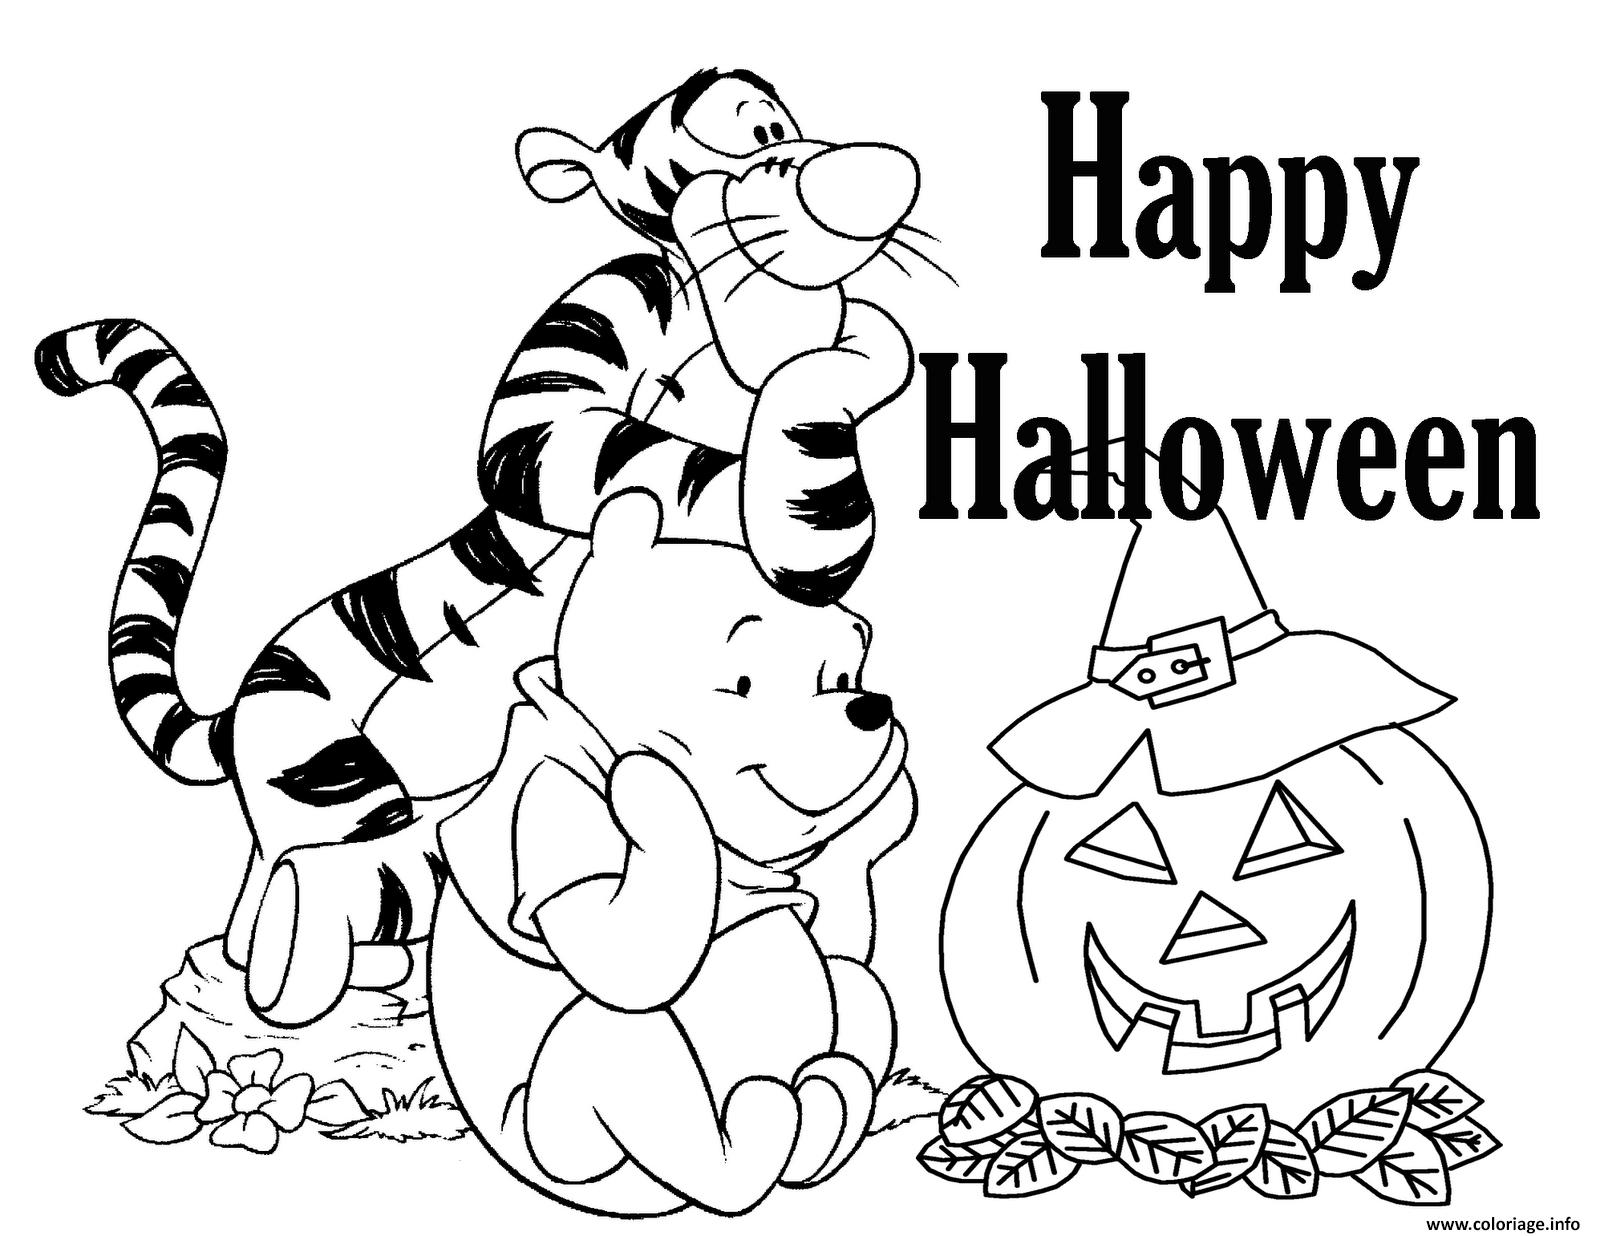 Dessin joyeuse halloween disney tigrou et winnie the pooh Coloriage Gratuit à Imprimer